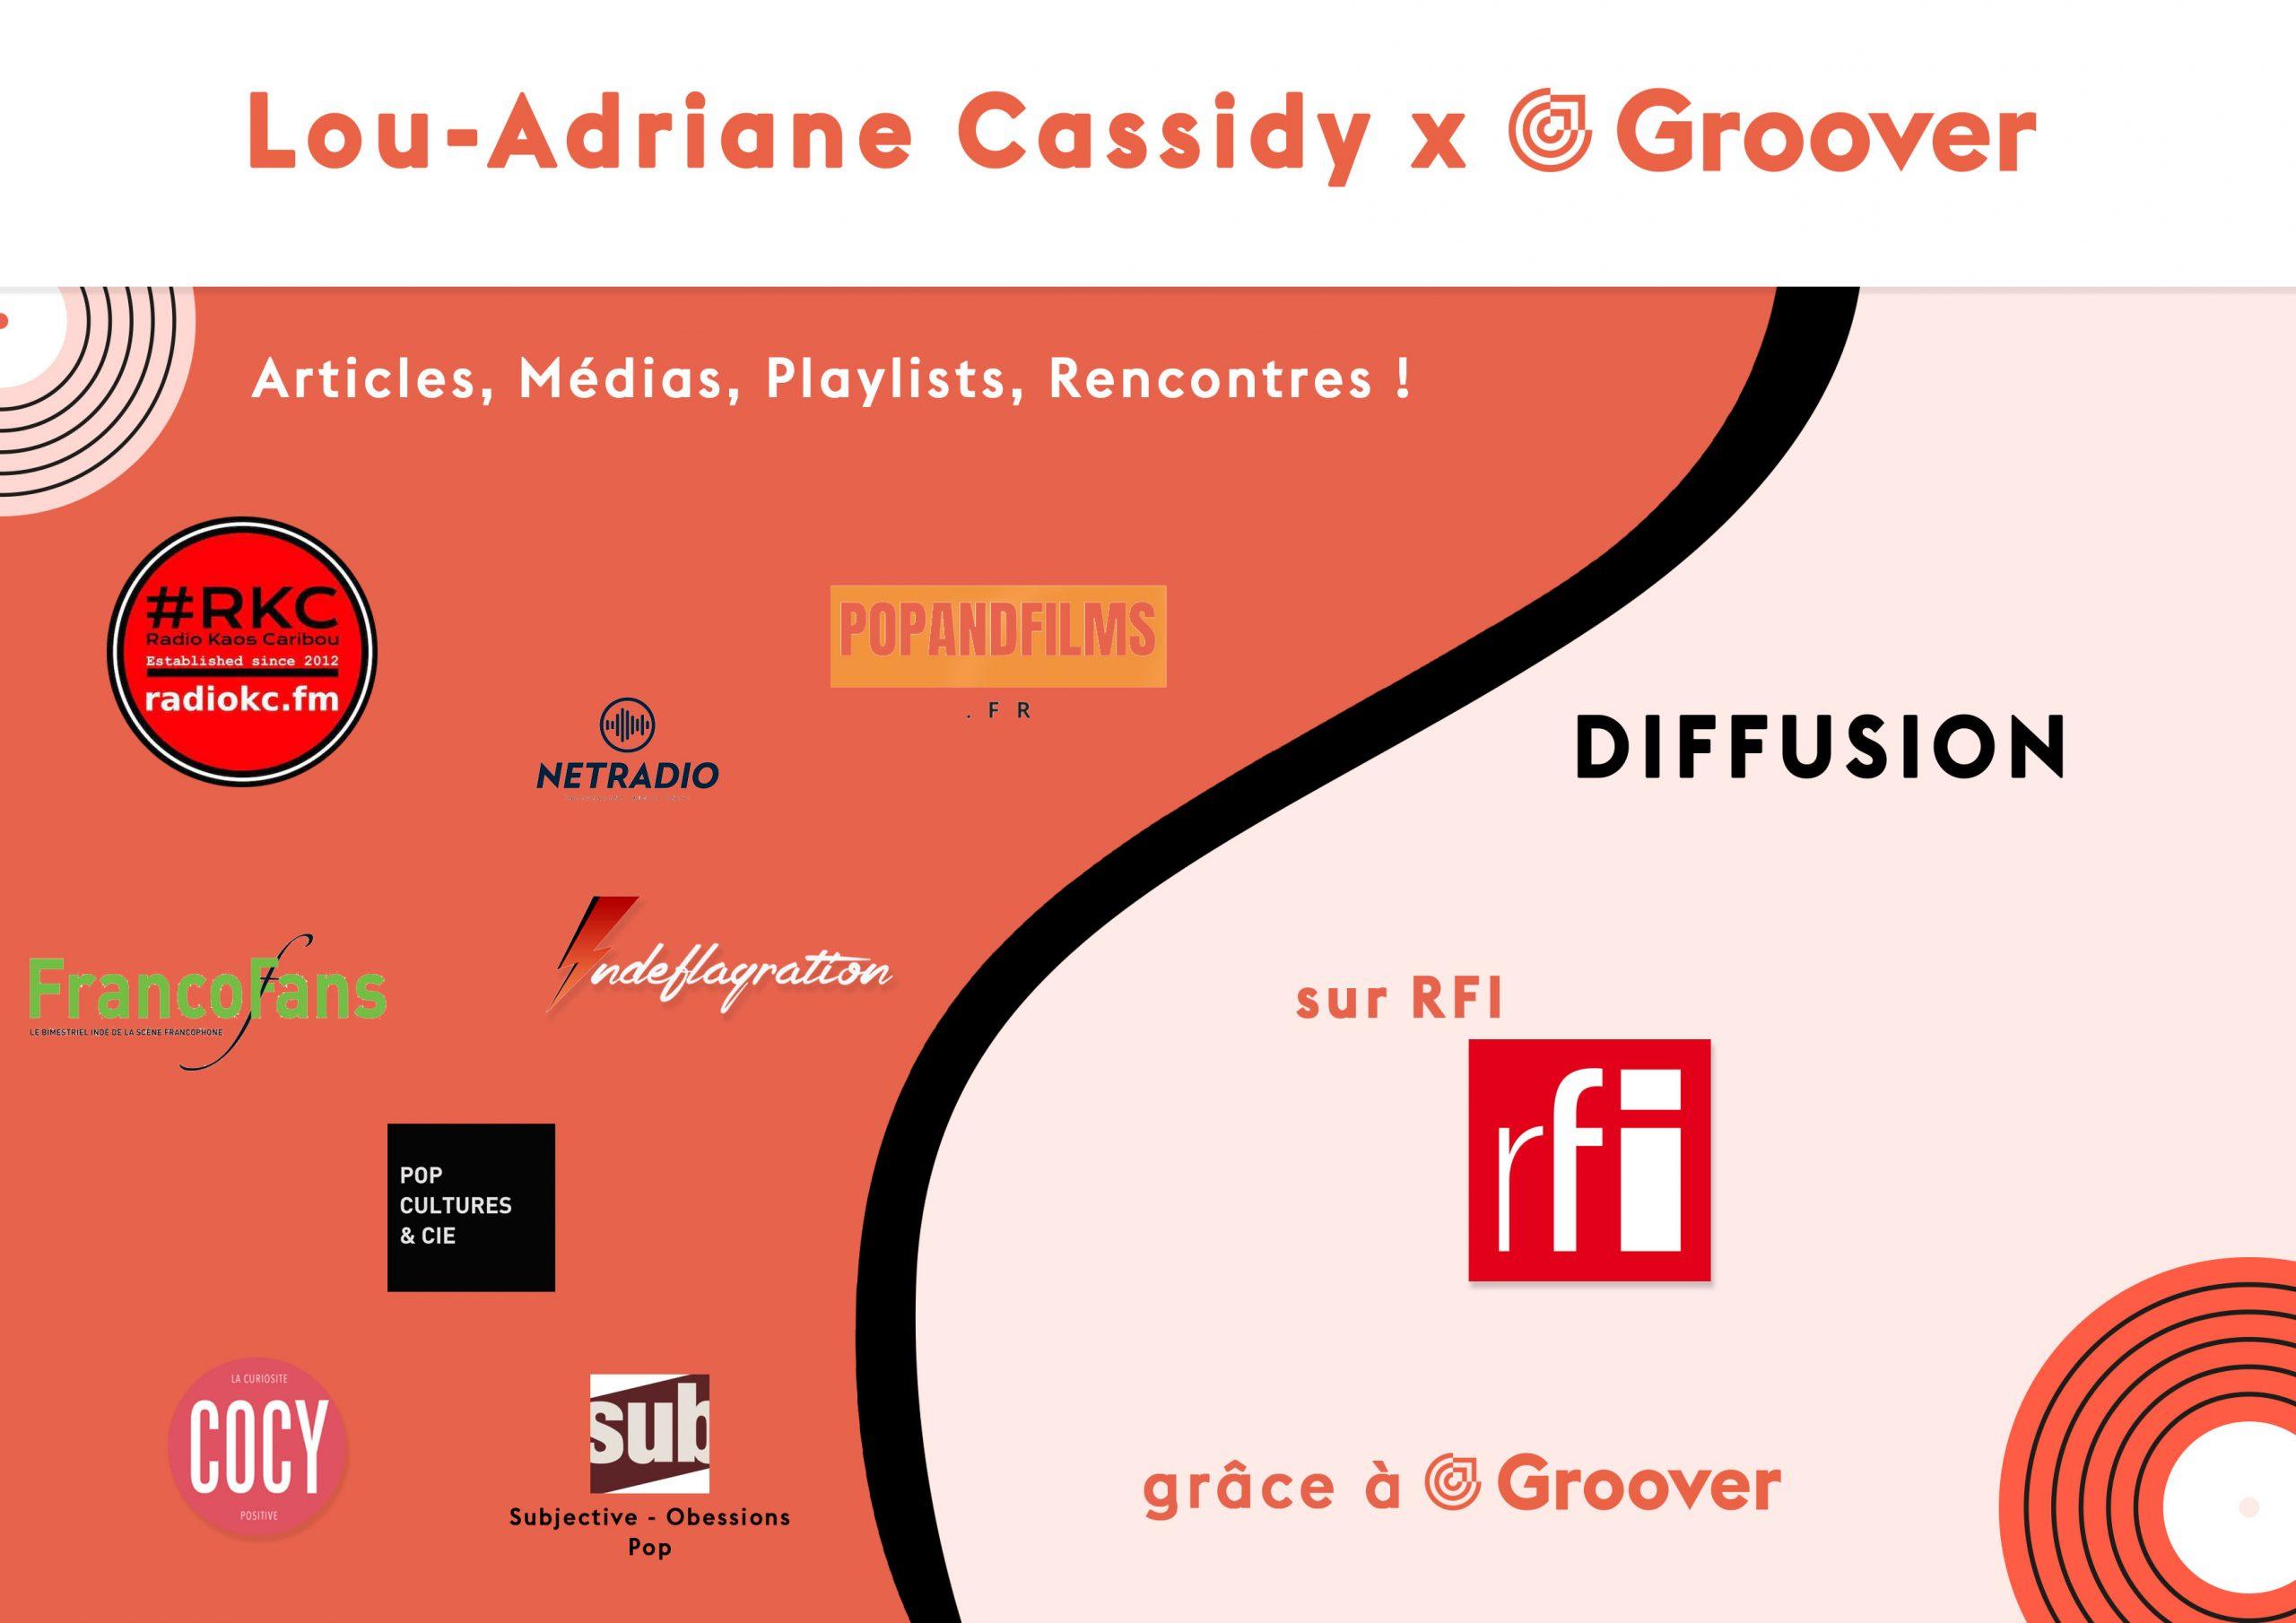 Lou-Adriane Cassidy sur RFI